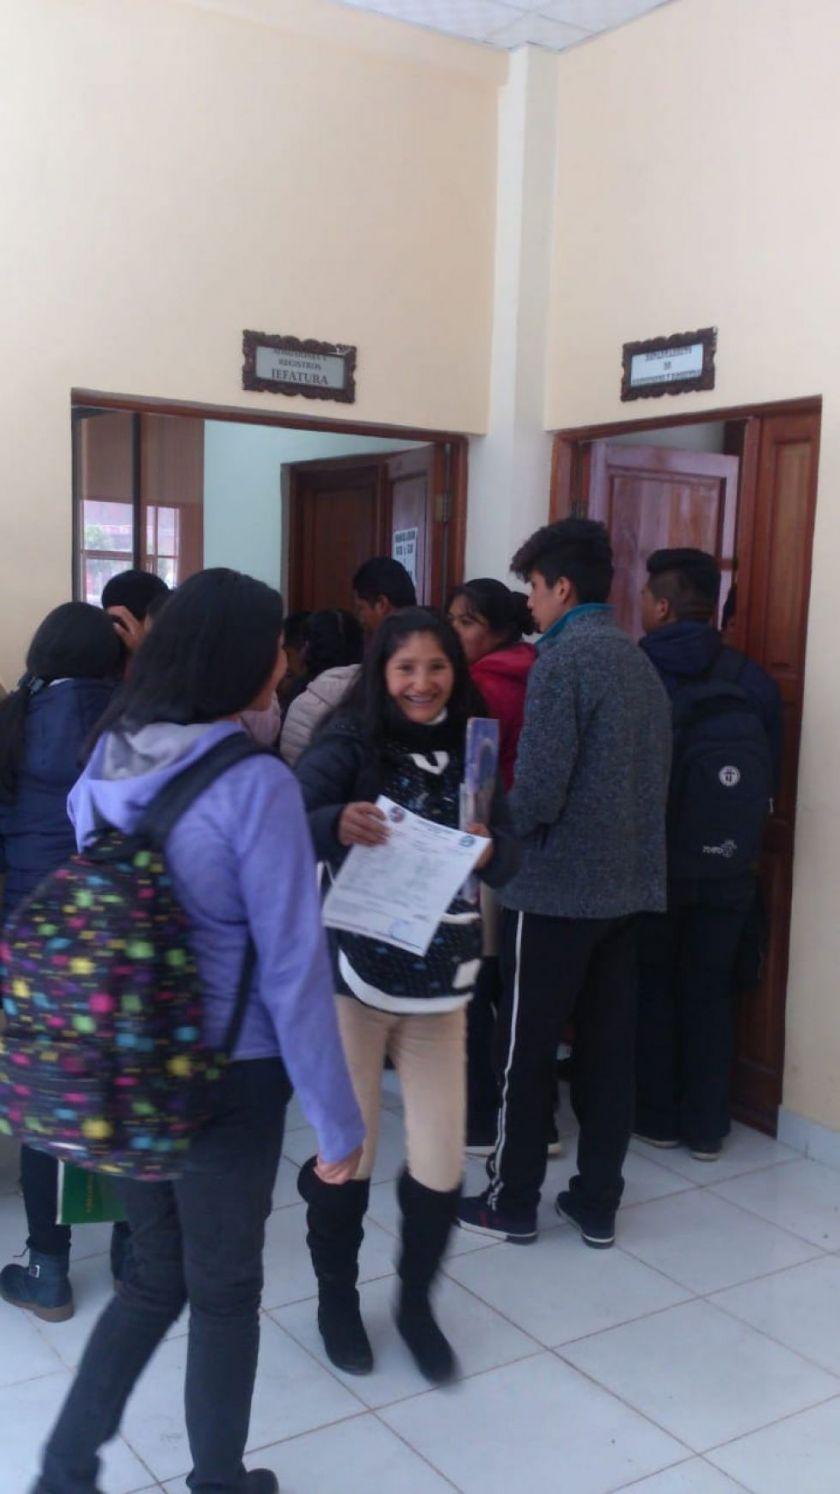 La UATF se alista para el examen de ingreso el 18 de diciembre